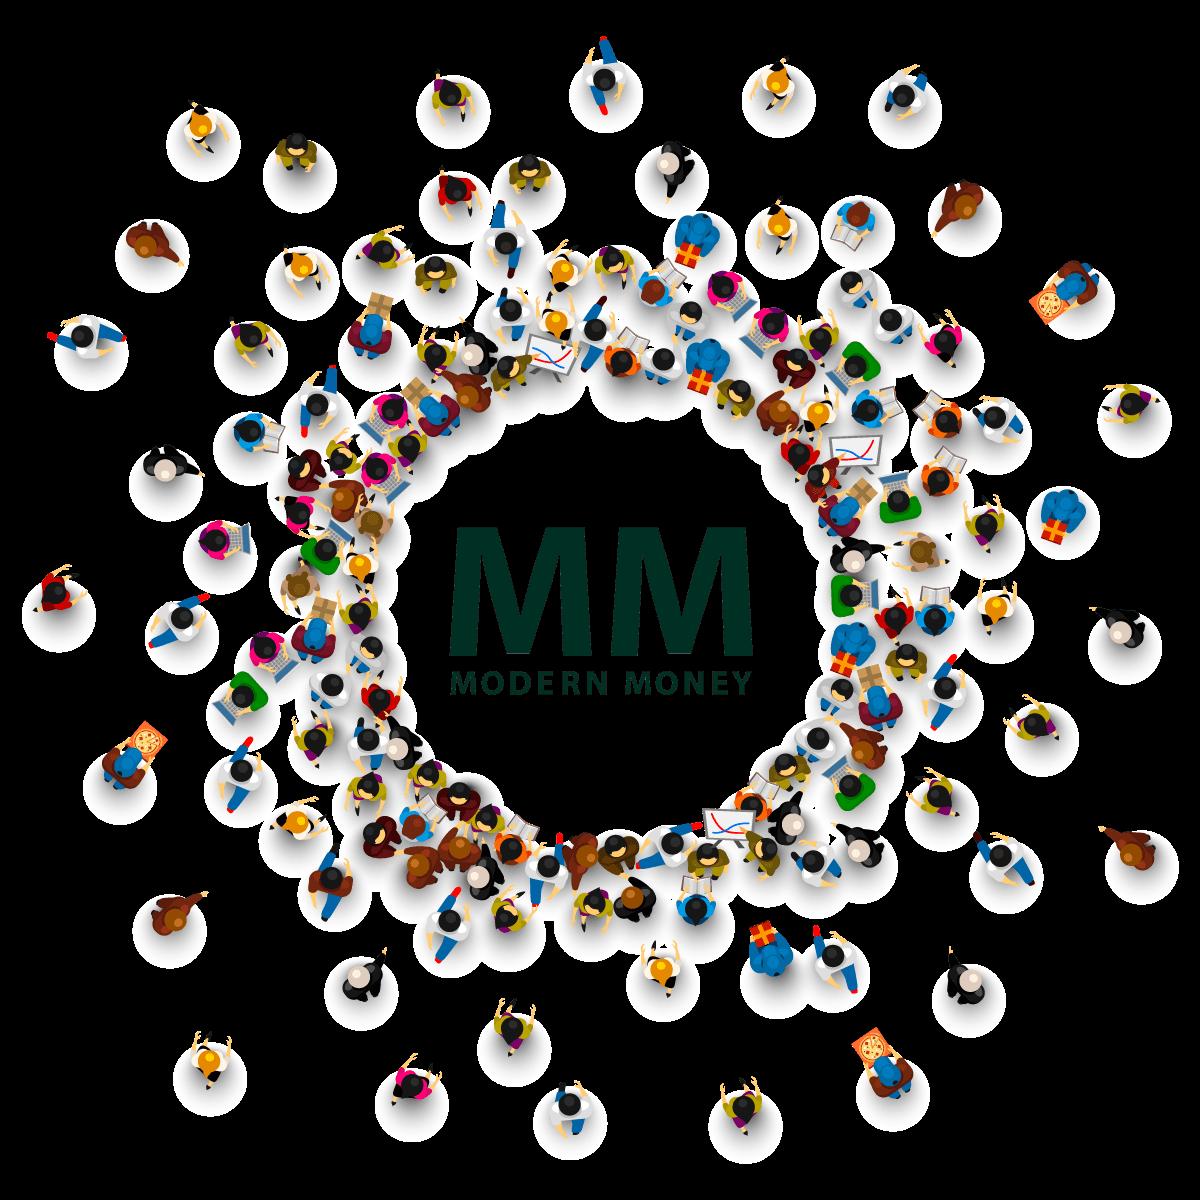 modern money people circle